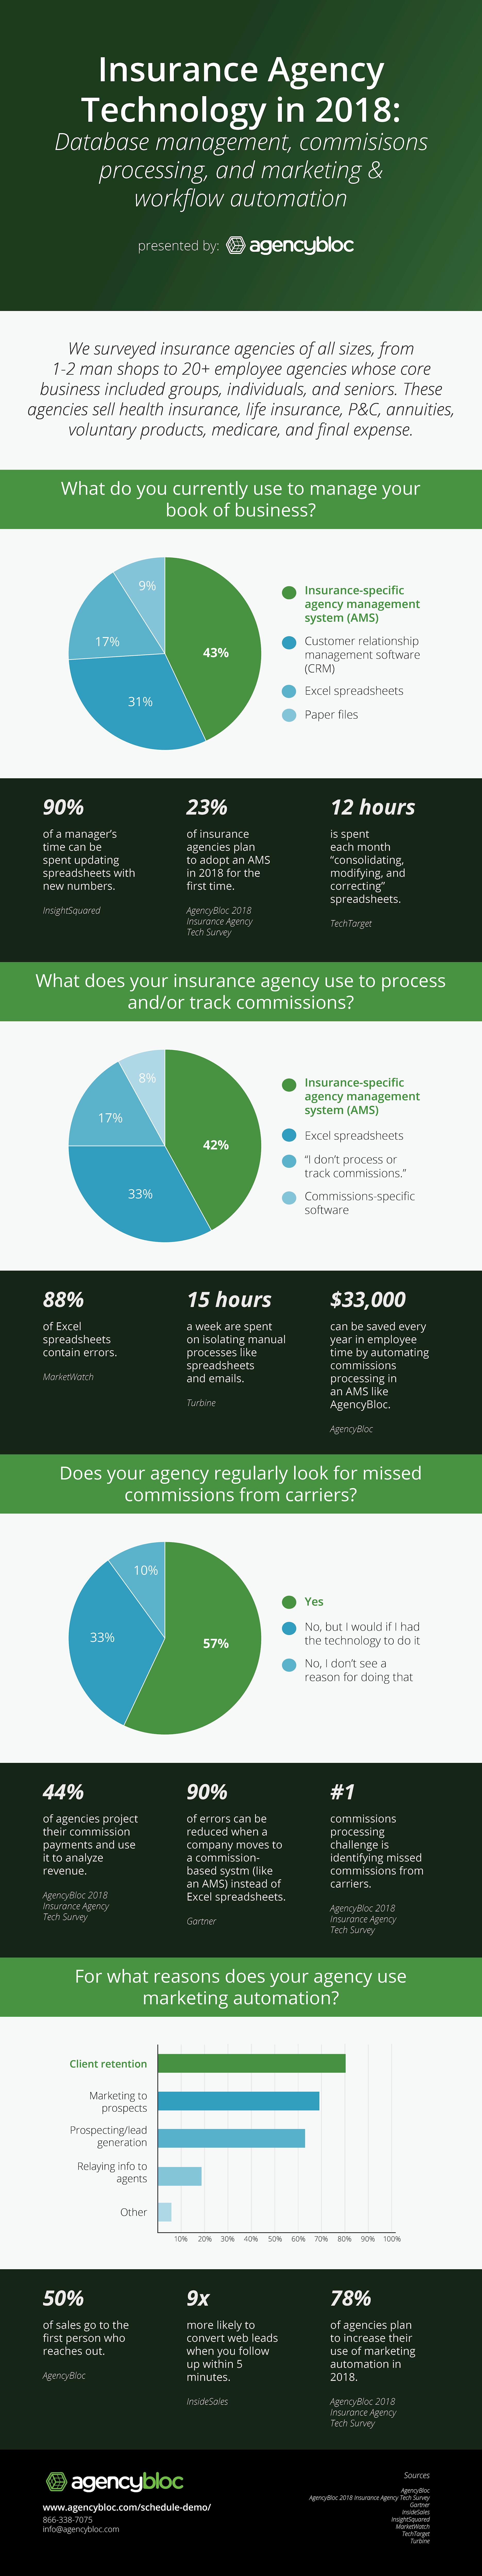 Insurance Agency Technology in 2018